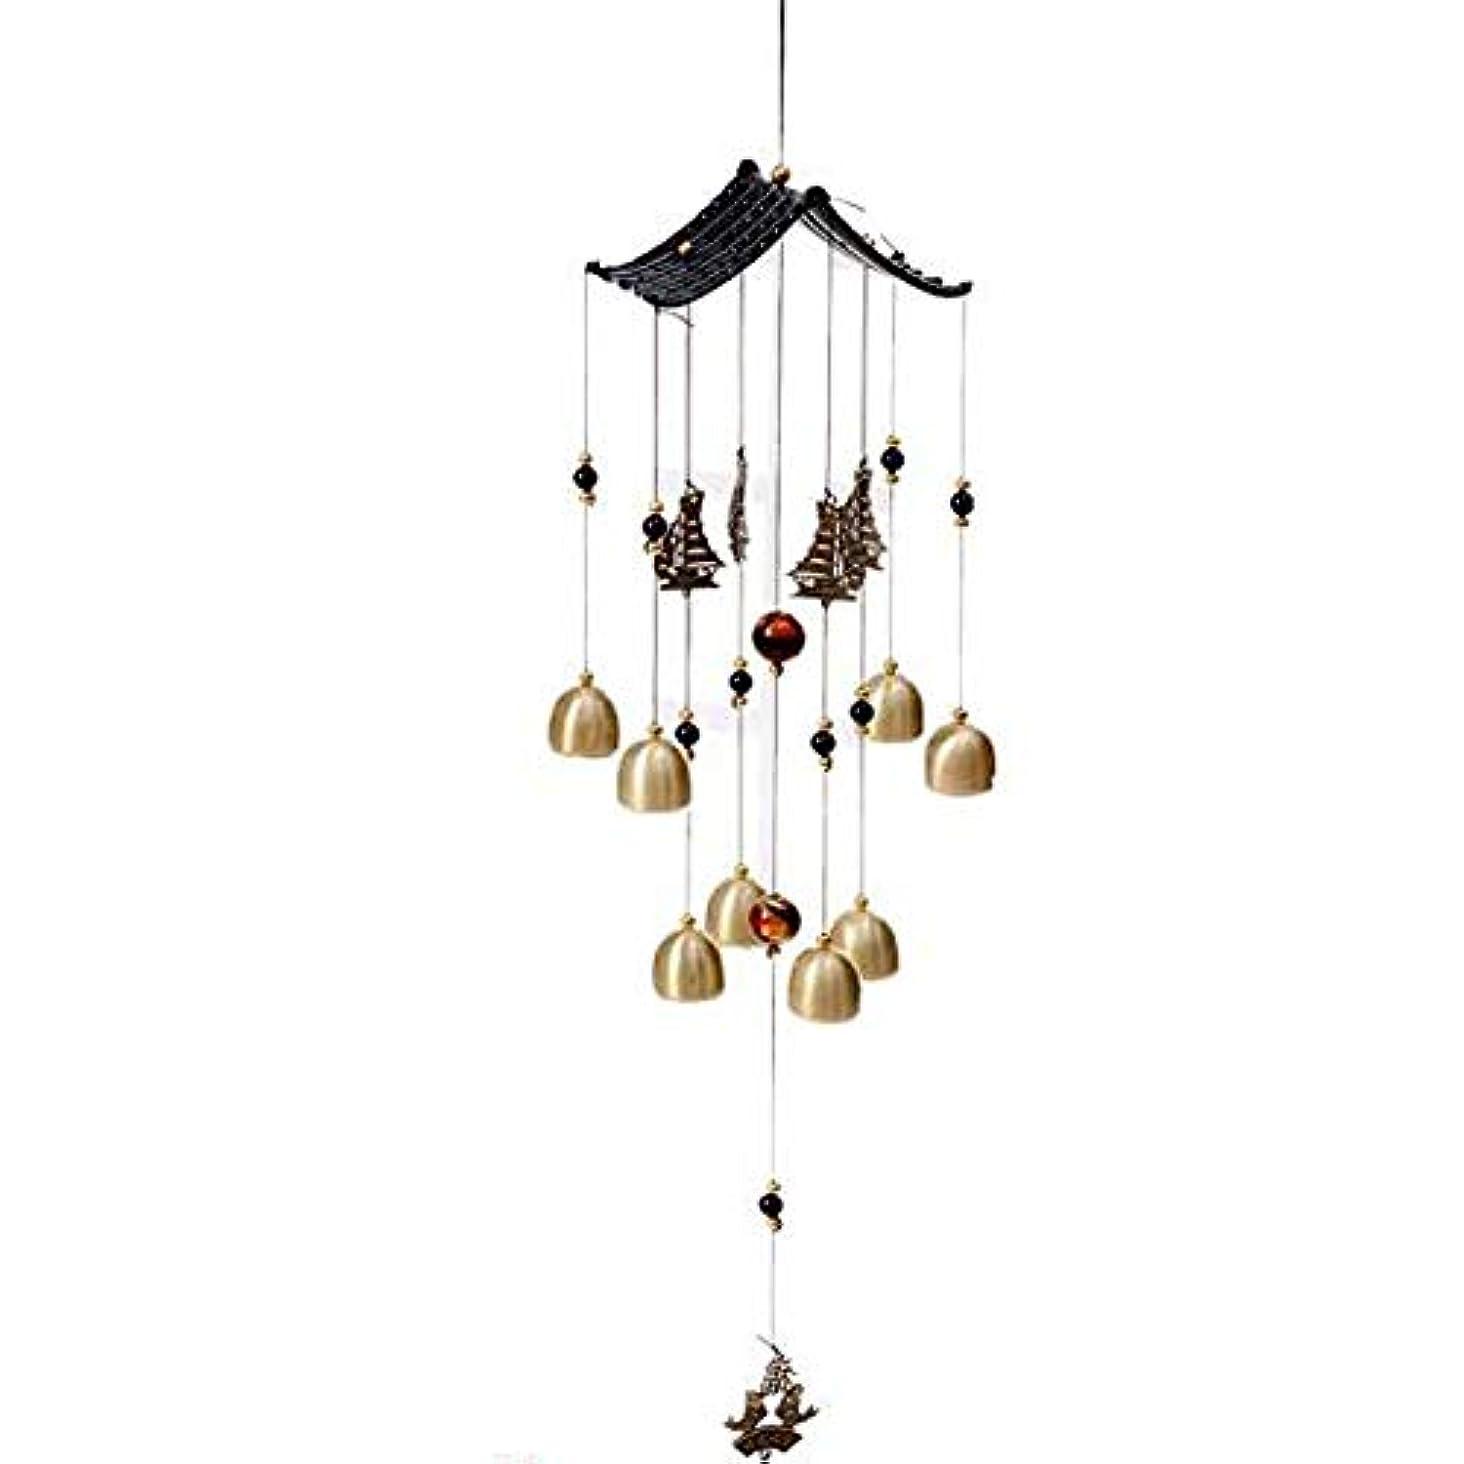 信仰キウイ子供っぽいYoushangshipin 風チャイム、金属銅鐘ホームデコレーション、ブラック、サイズ62 * 13CM,美しいギフトボックス (Color : Black-A)